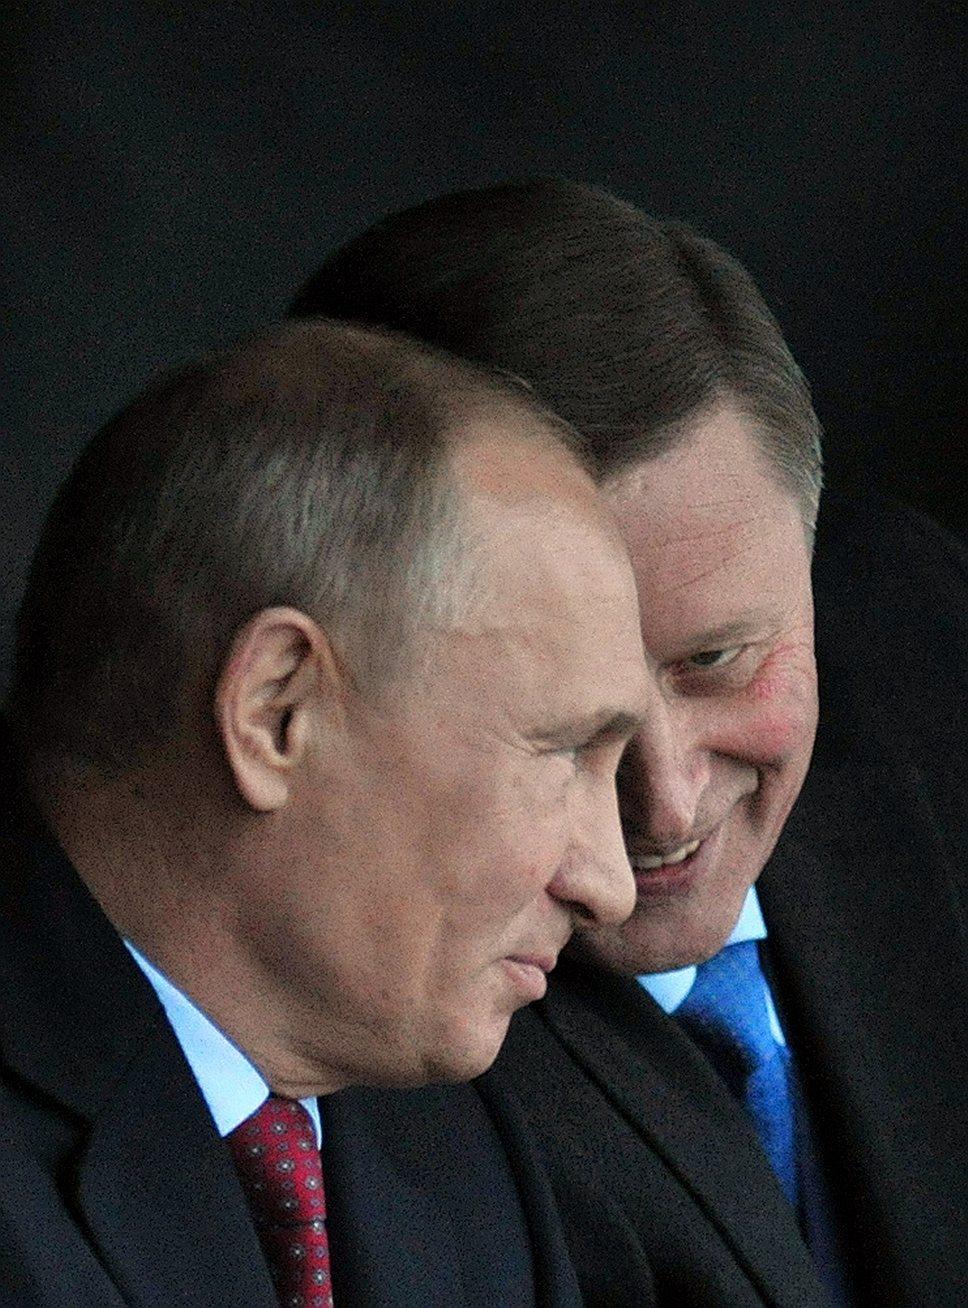 Кремлевские чиновники уверяют, что все стратегические решения принимает лично президент Путин, а глава его администрации Сергей Иванов (на фото — справа) лишь участвует в обсуждении